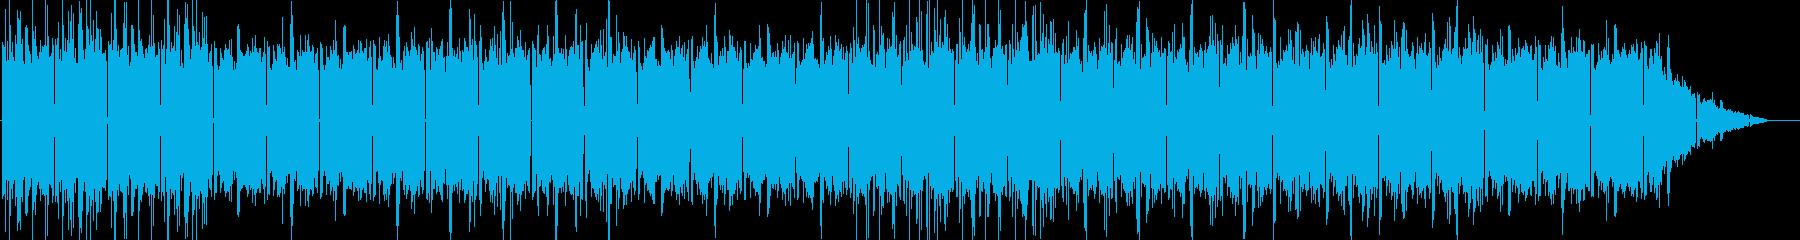 オリエンタルなテイストのHiphopの再生済みの波形